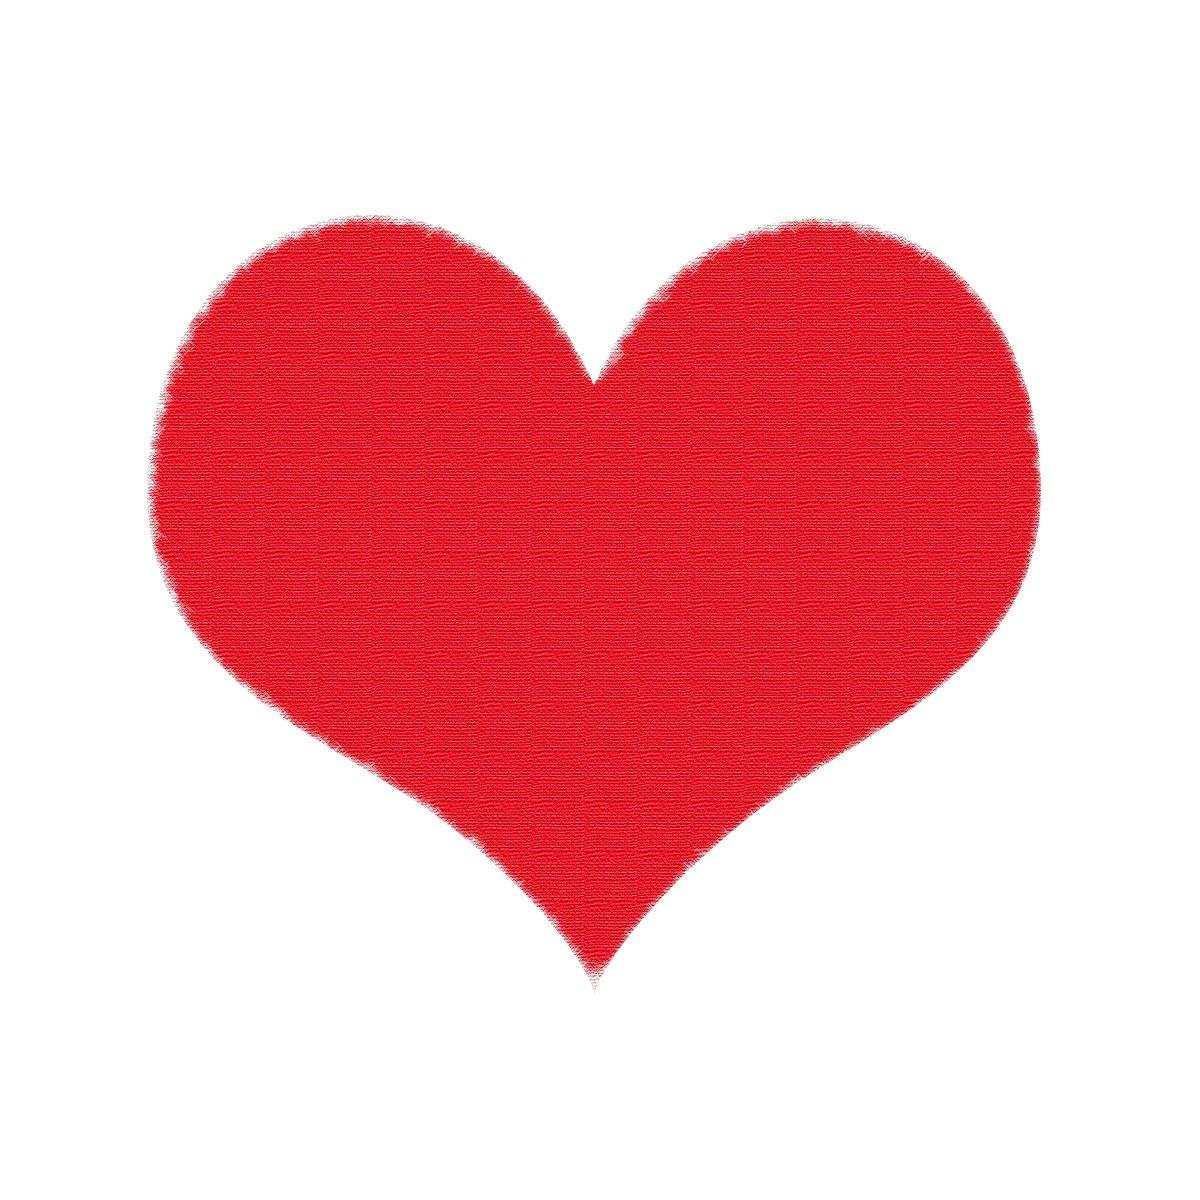 Free Kalp Tuval üzerine Yağlı Boya Stock Photo Freeimagescom